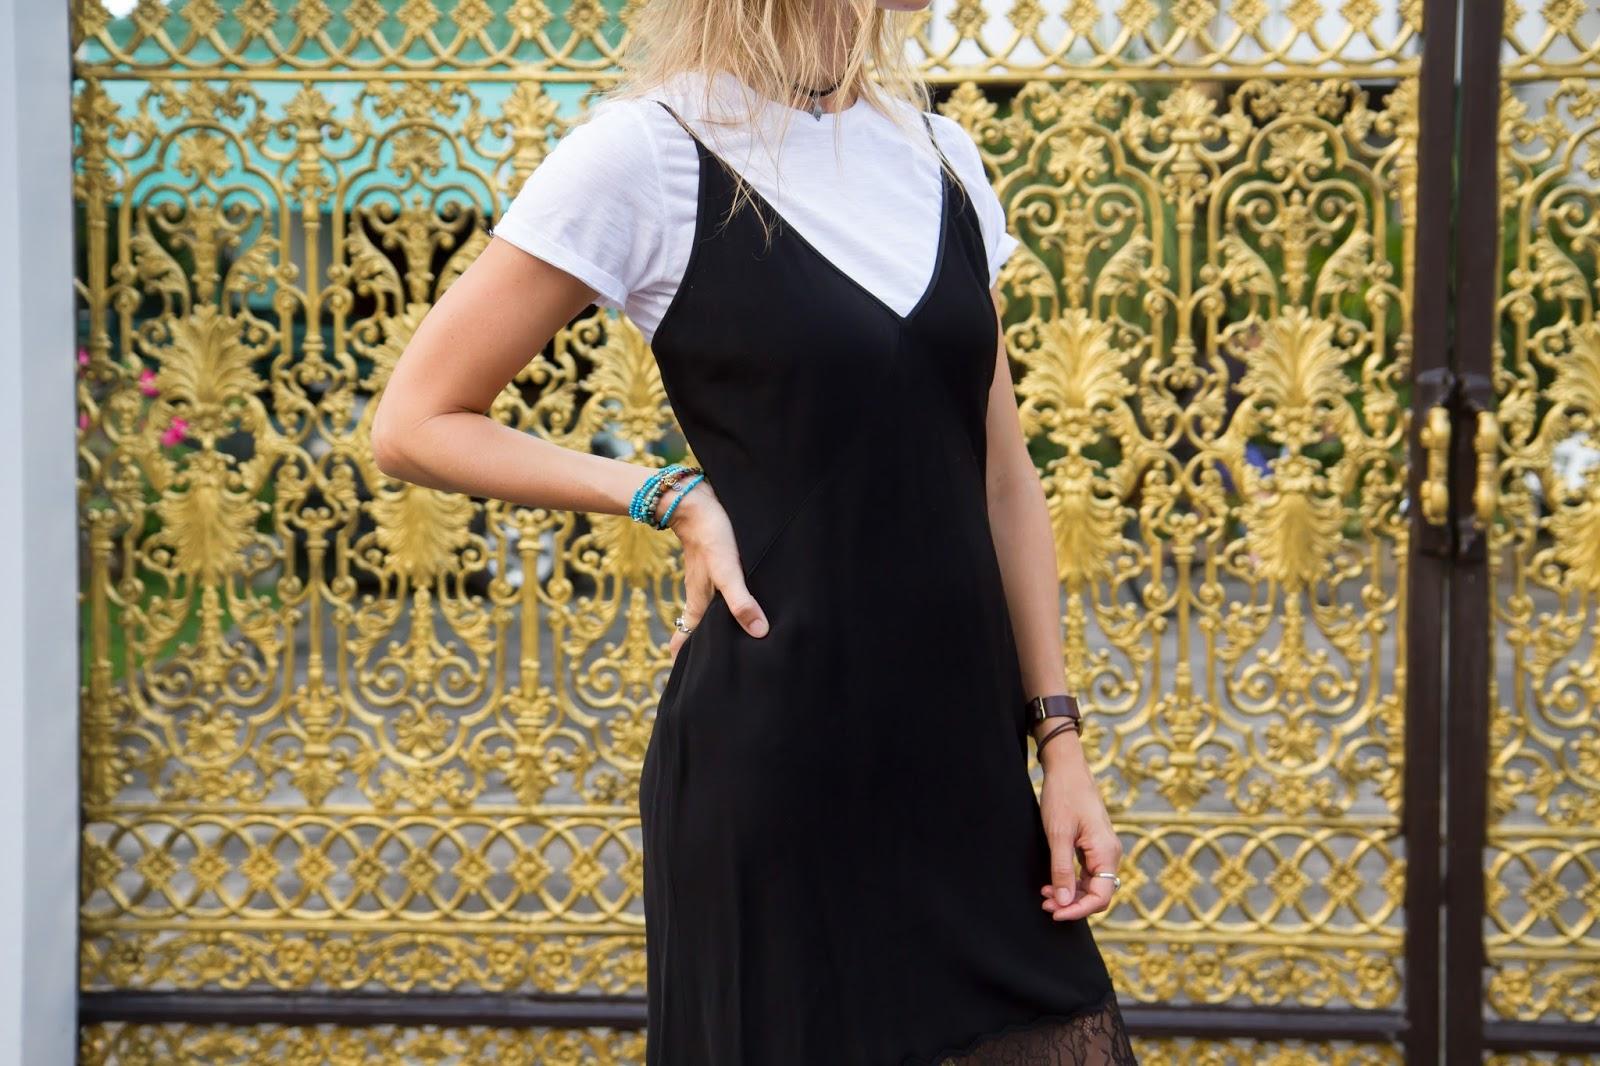 T shirt under dress - How To Wear A T Shirt Under A Slip Dress